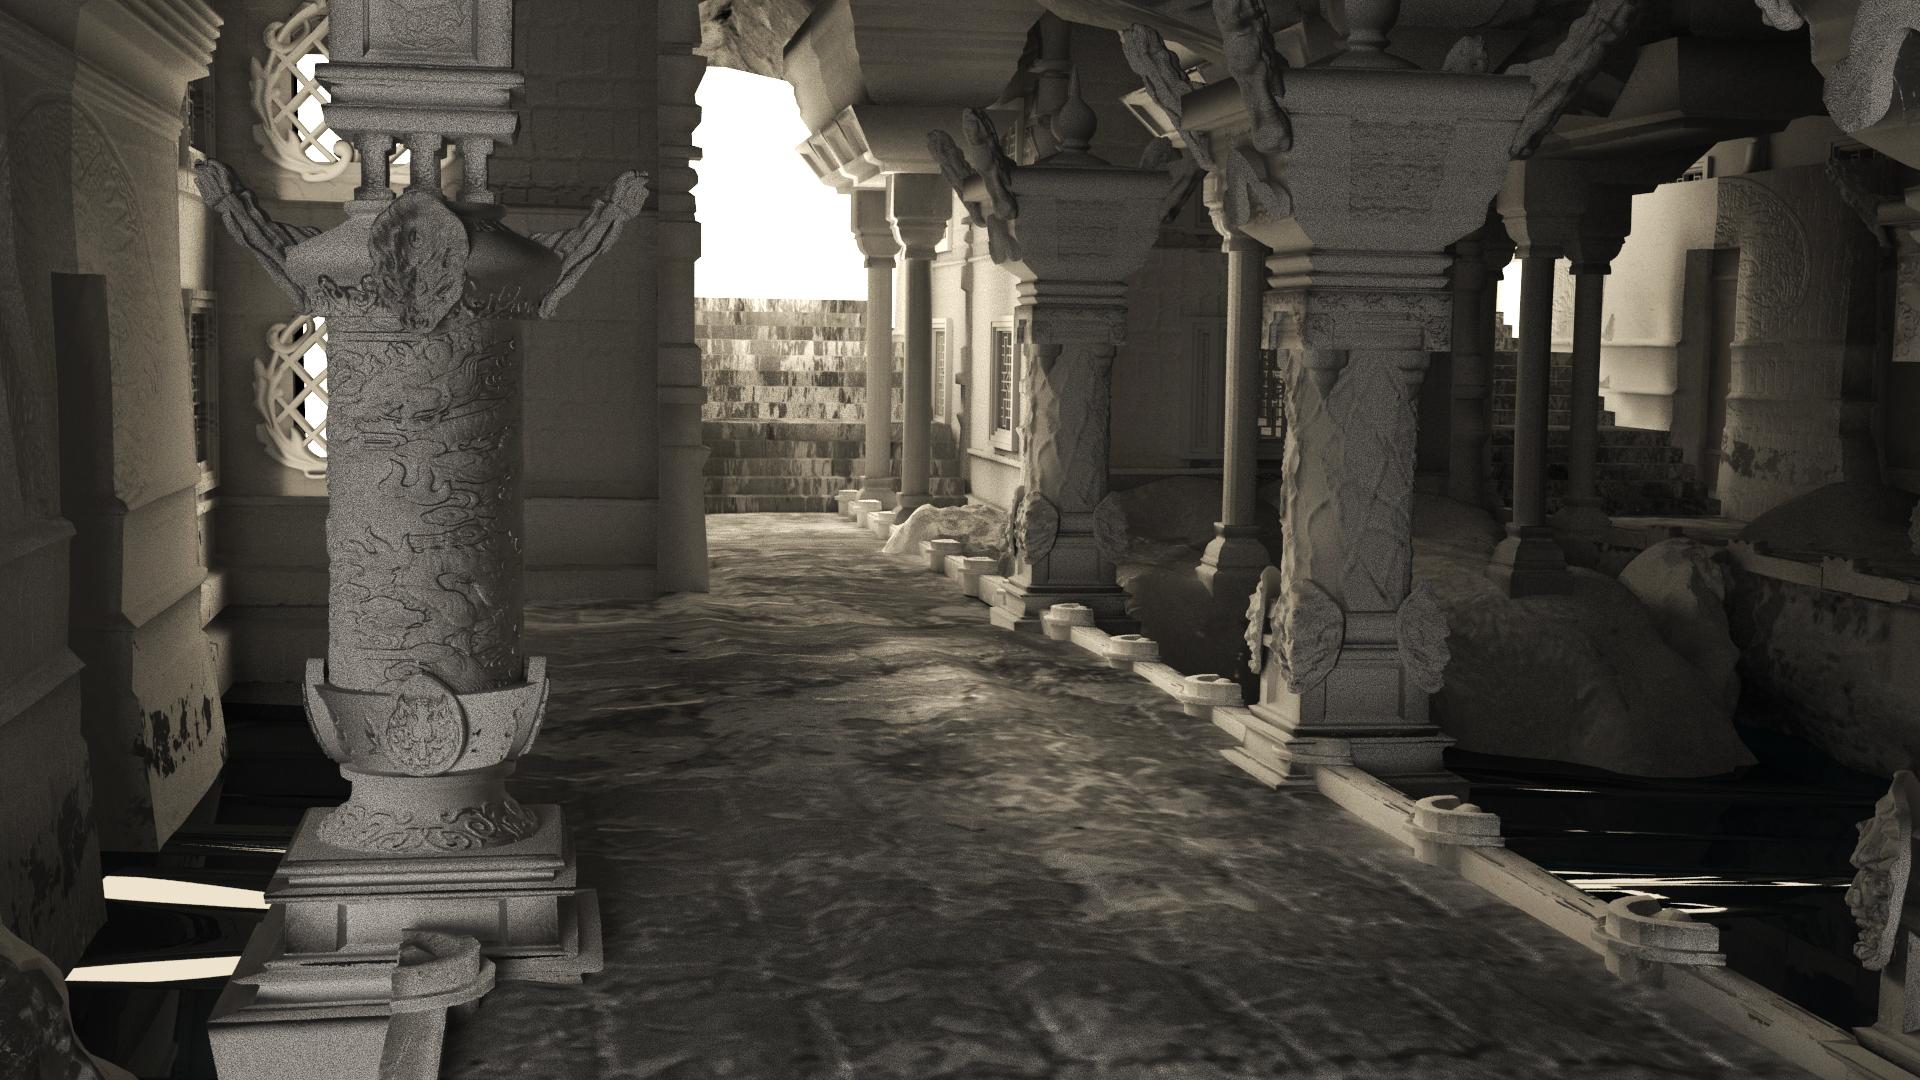 未知的悬崖内部的神秘宫殿。